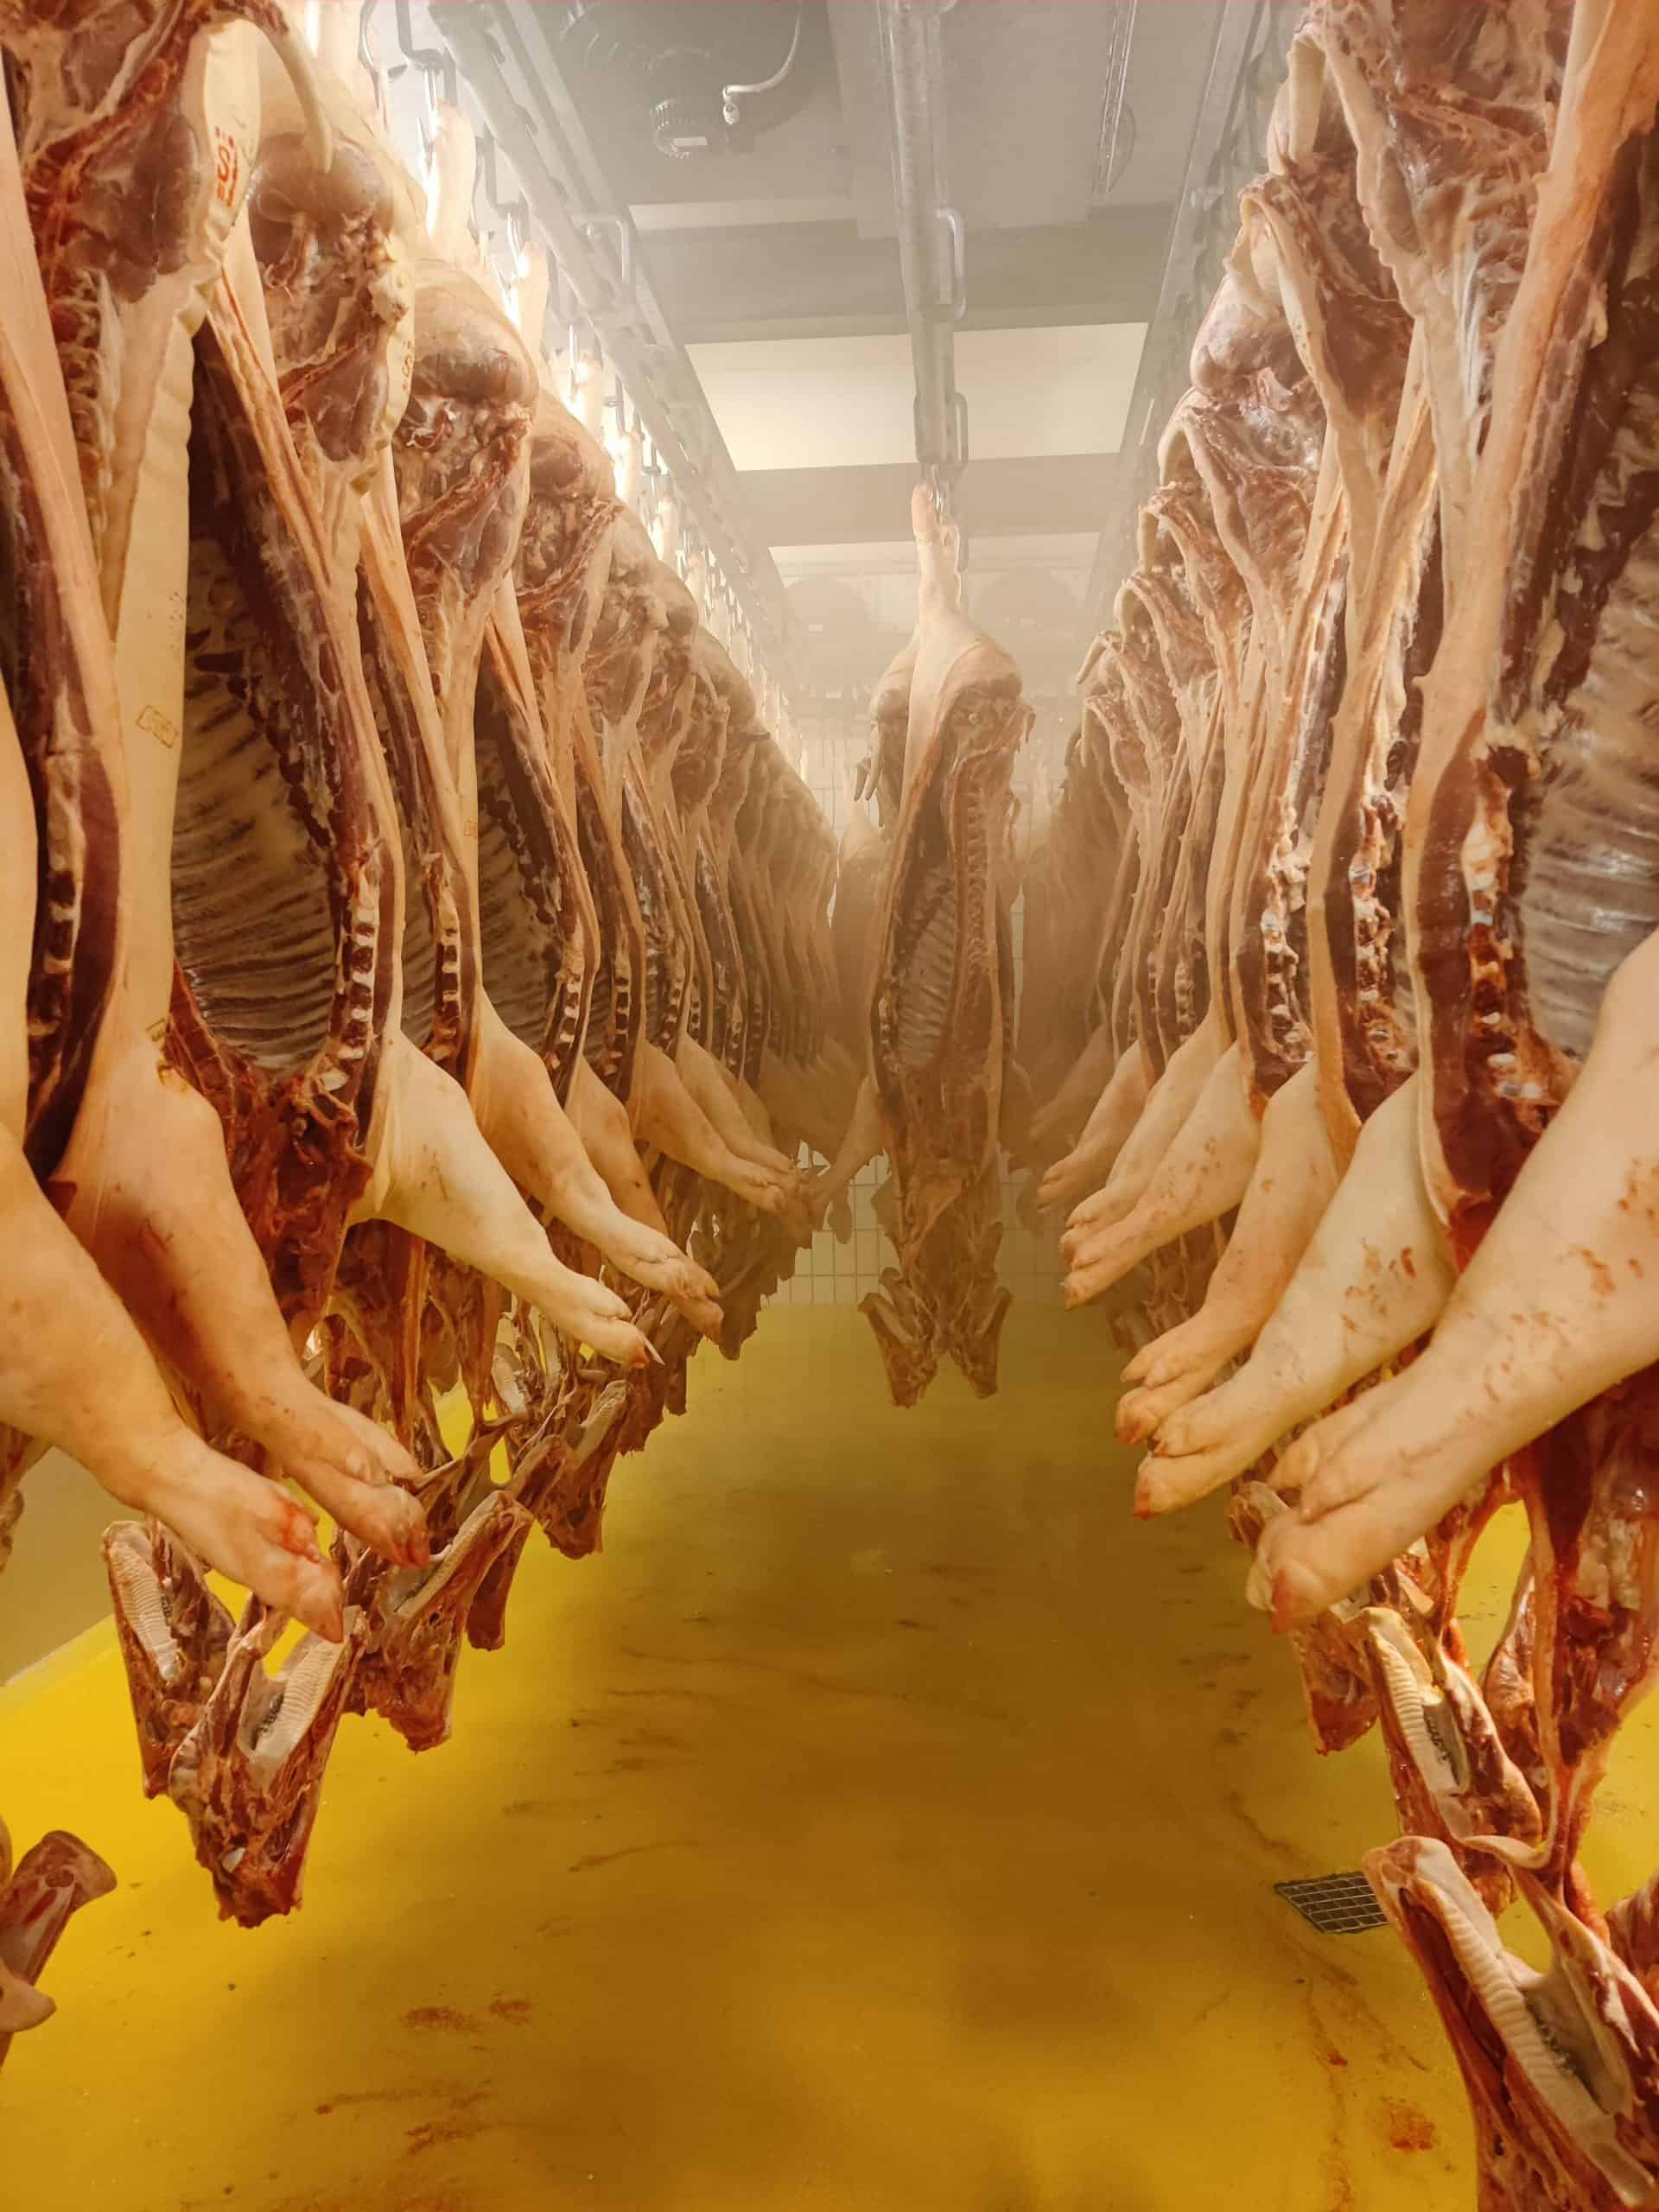 Auskühlraum Schlachtung mit hängenden Schweinehälften bei Berger Schinken